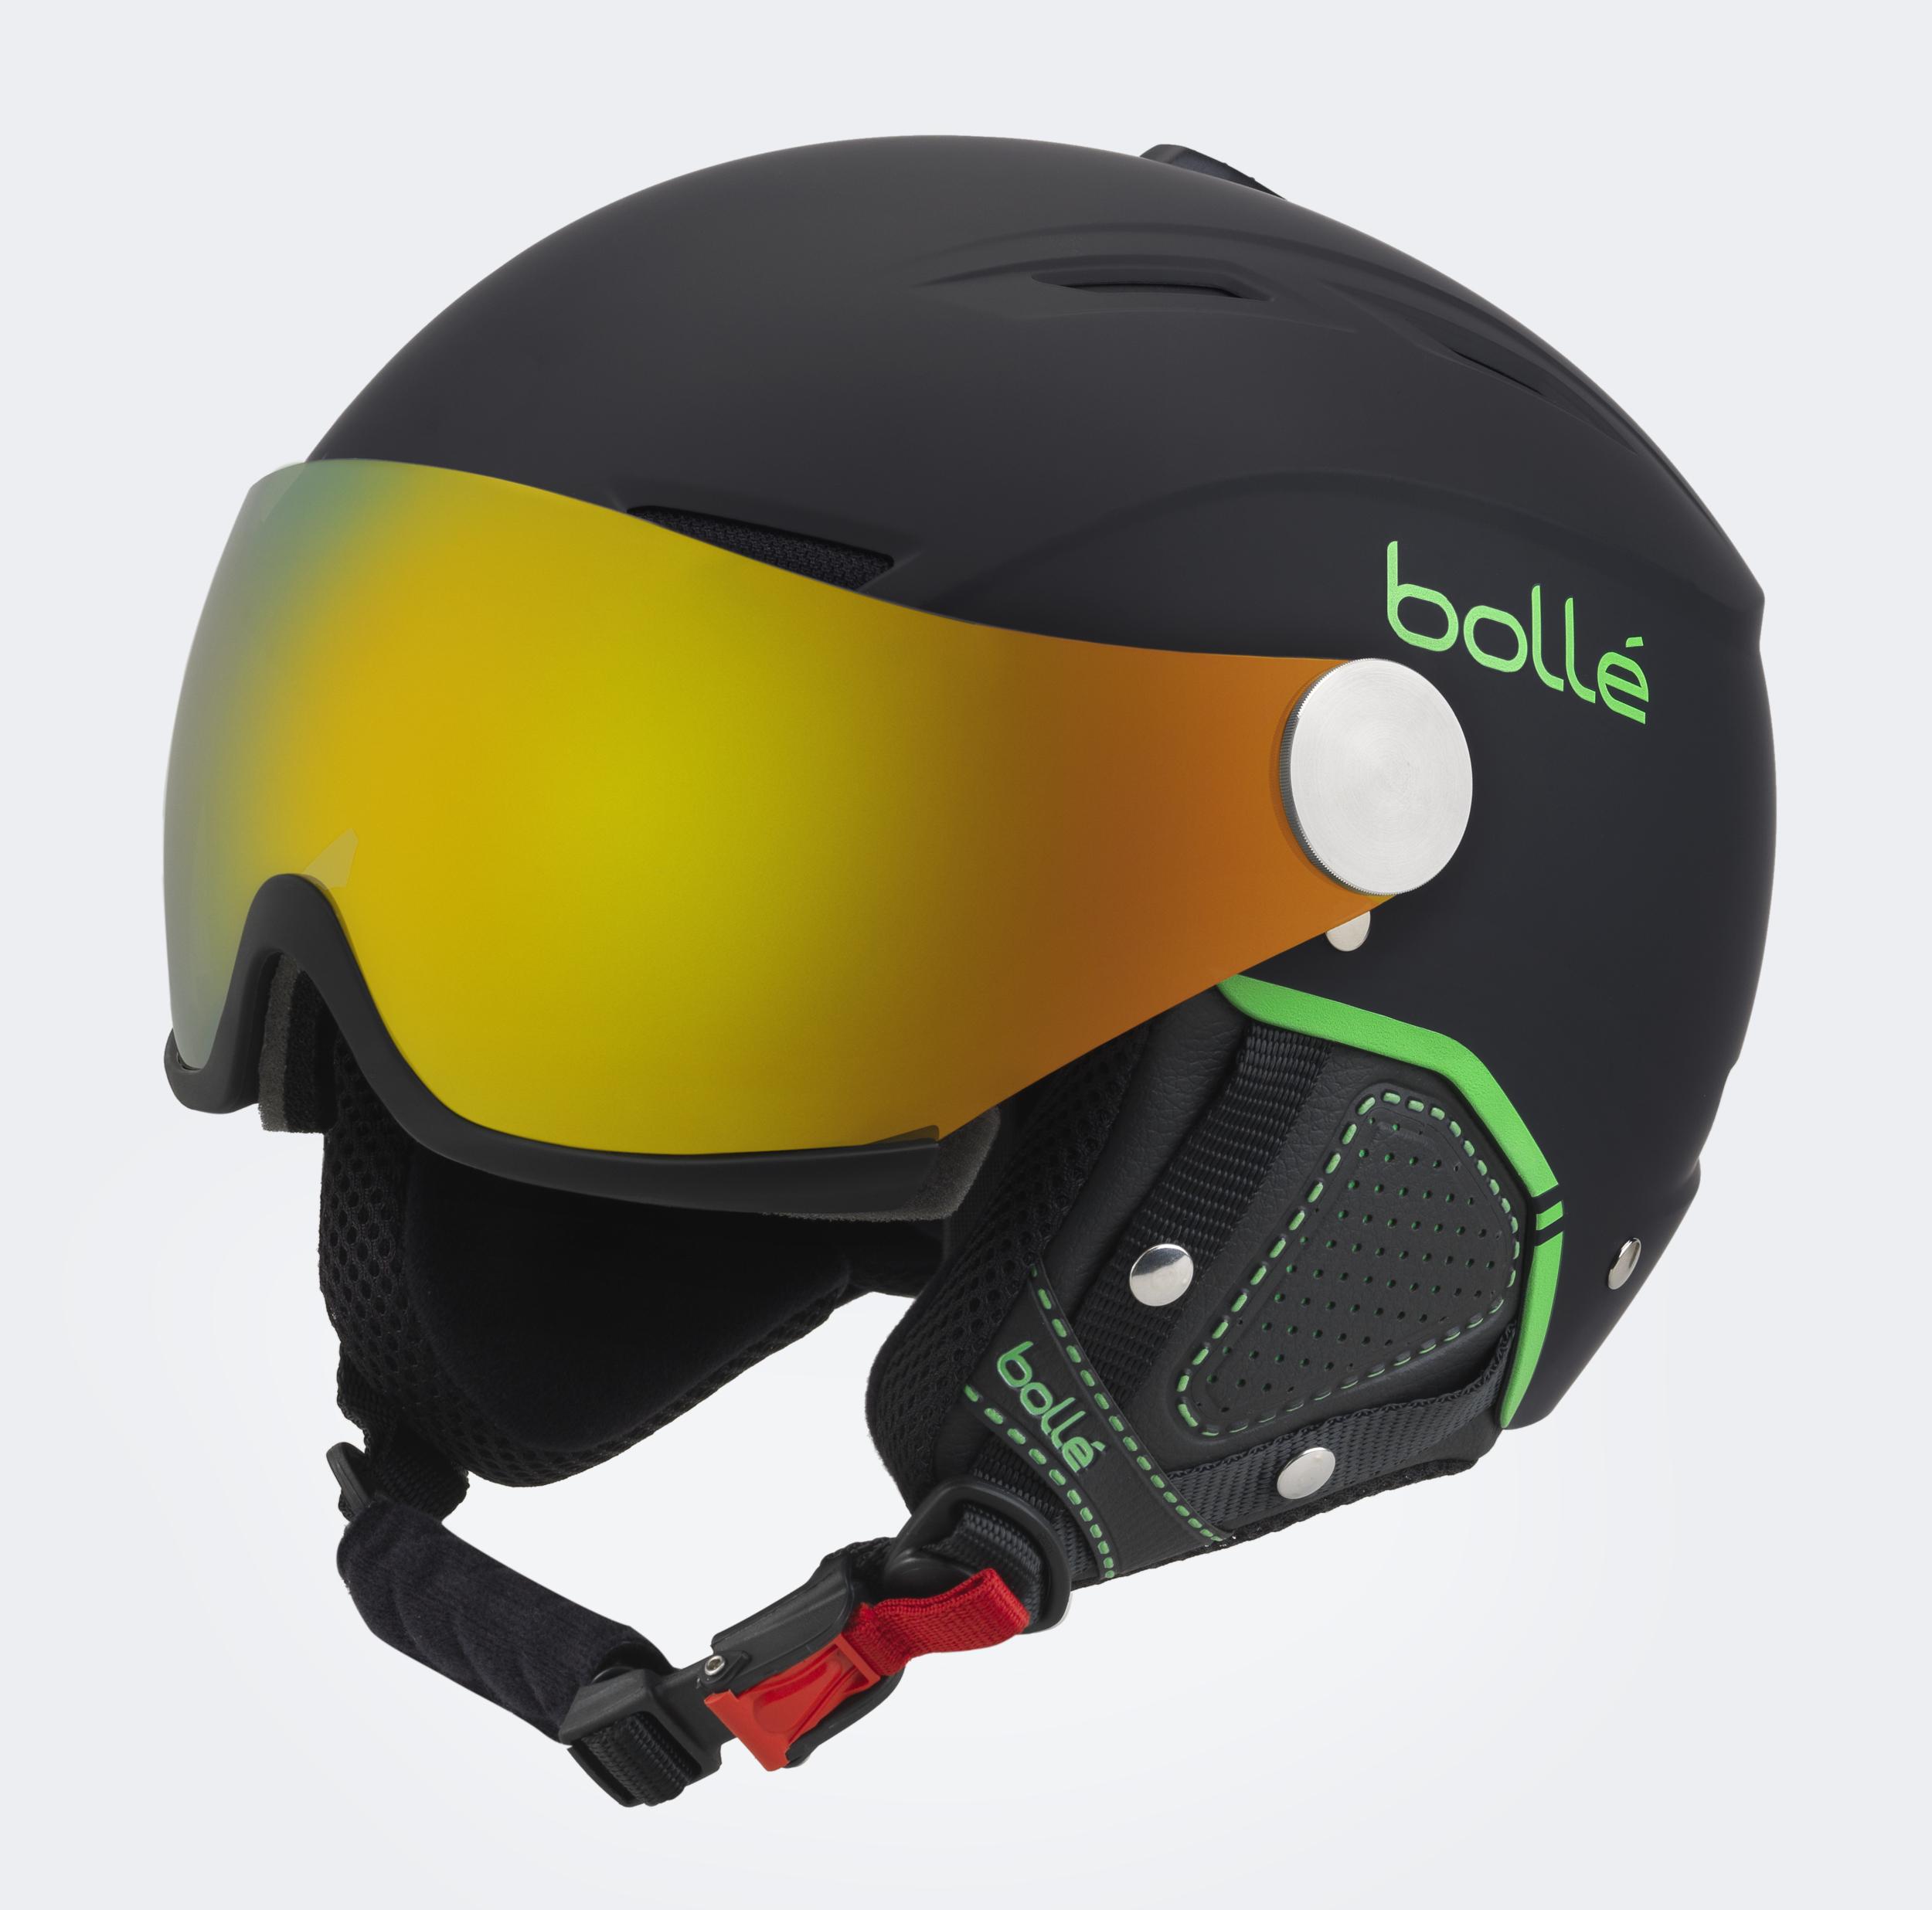 casque visiere ski